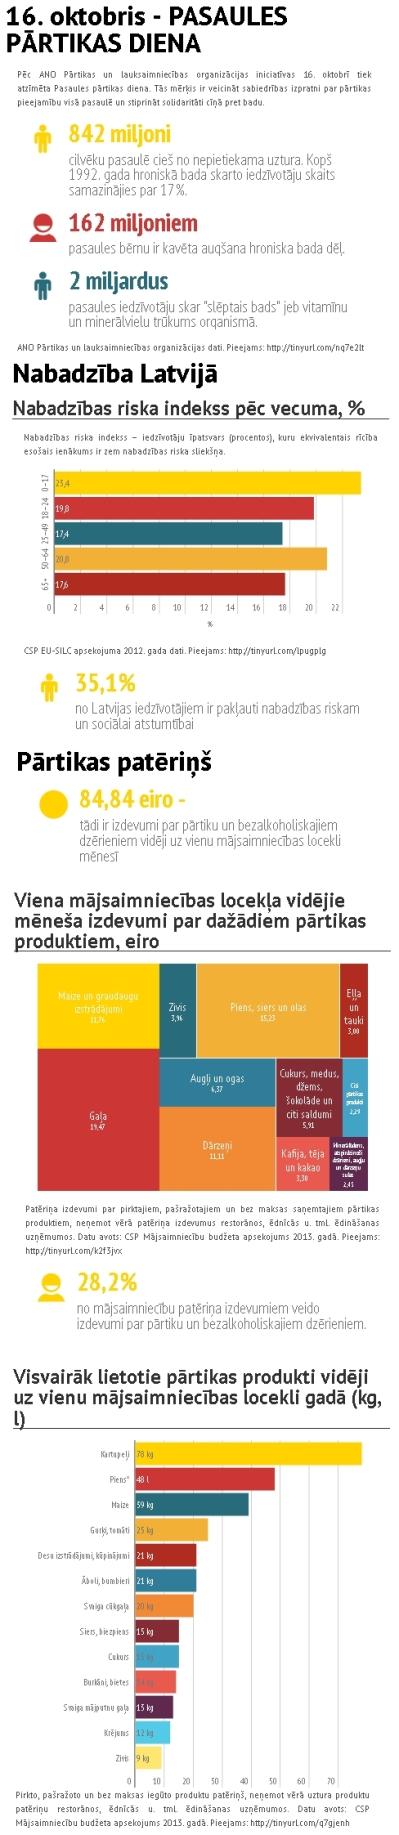 pasaules-partikas-dienas-infografiks